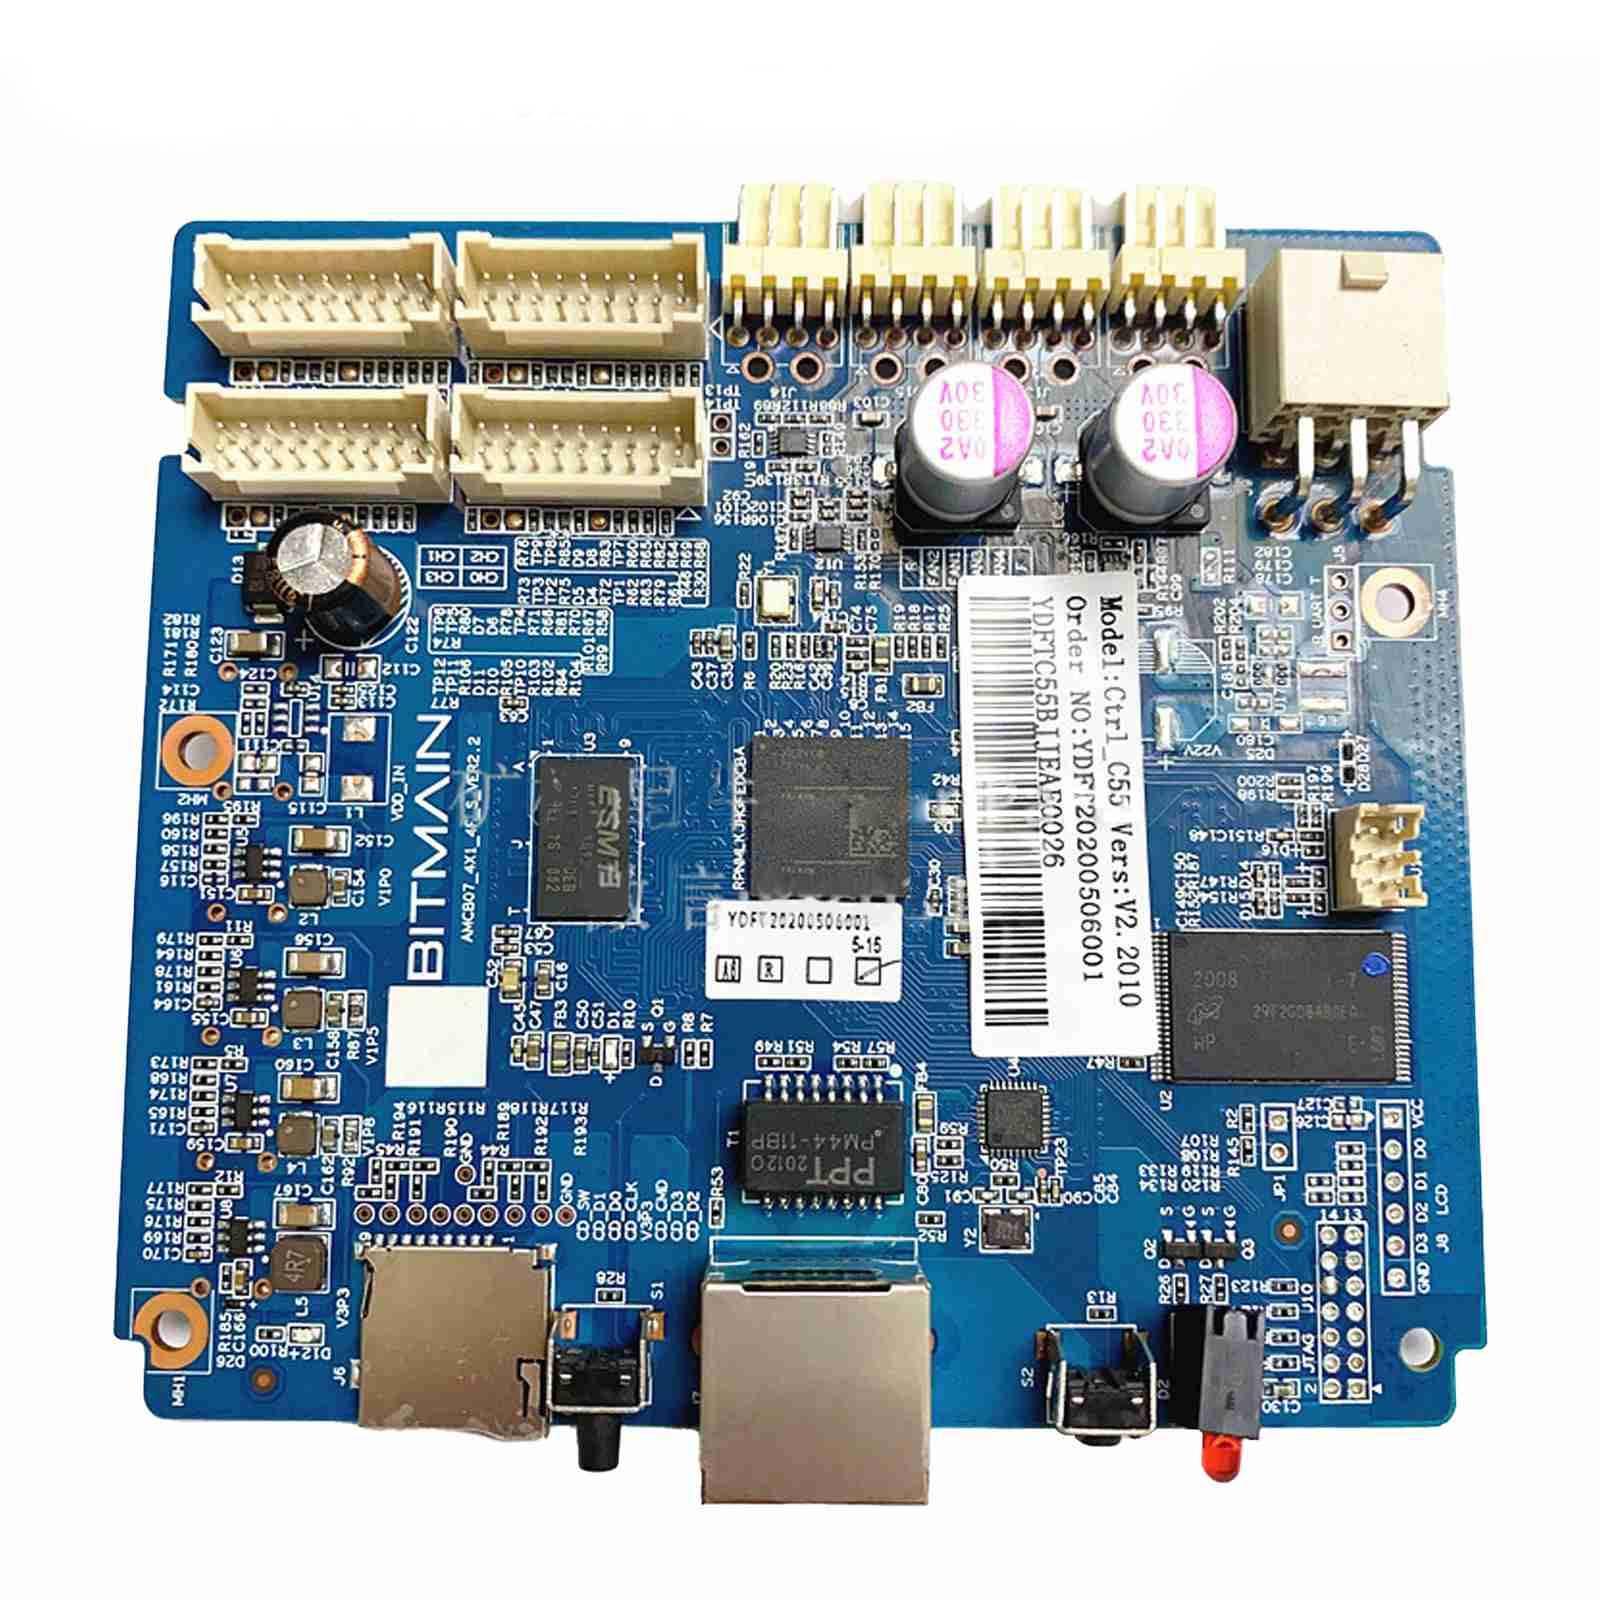 2021 جديد Antminer S19 S19 برو T19 لوحة تحكم BM1398BB ل S19/S19Pro/T19 الإلكترونية اللوحة